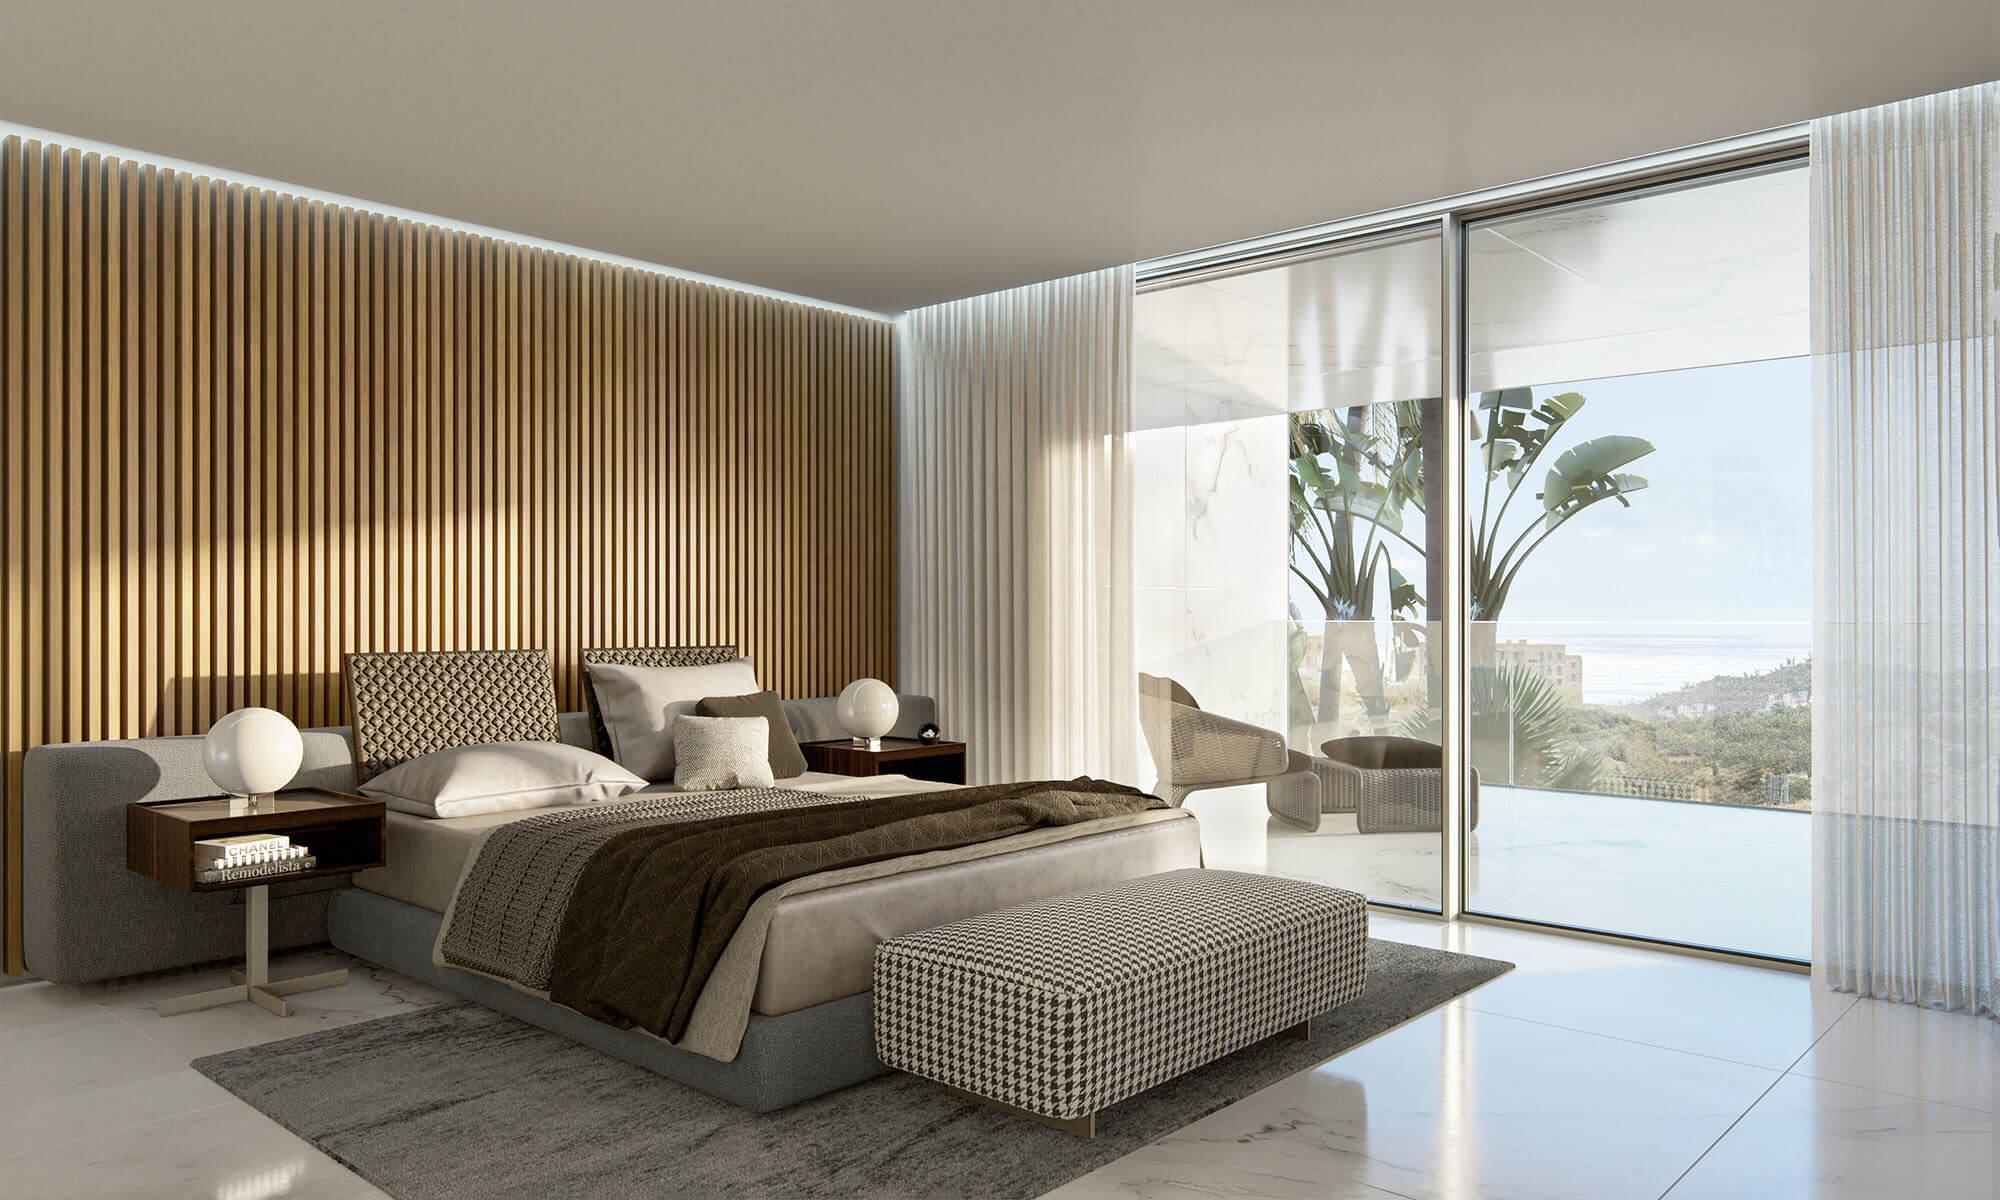 Colinas_Del_Limonar_Cam_Bedroom_low